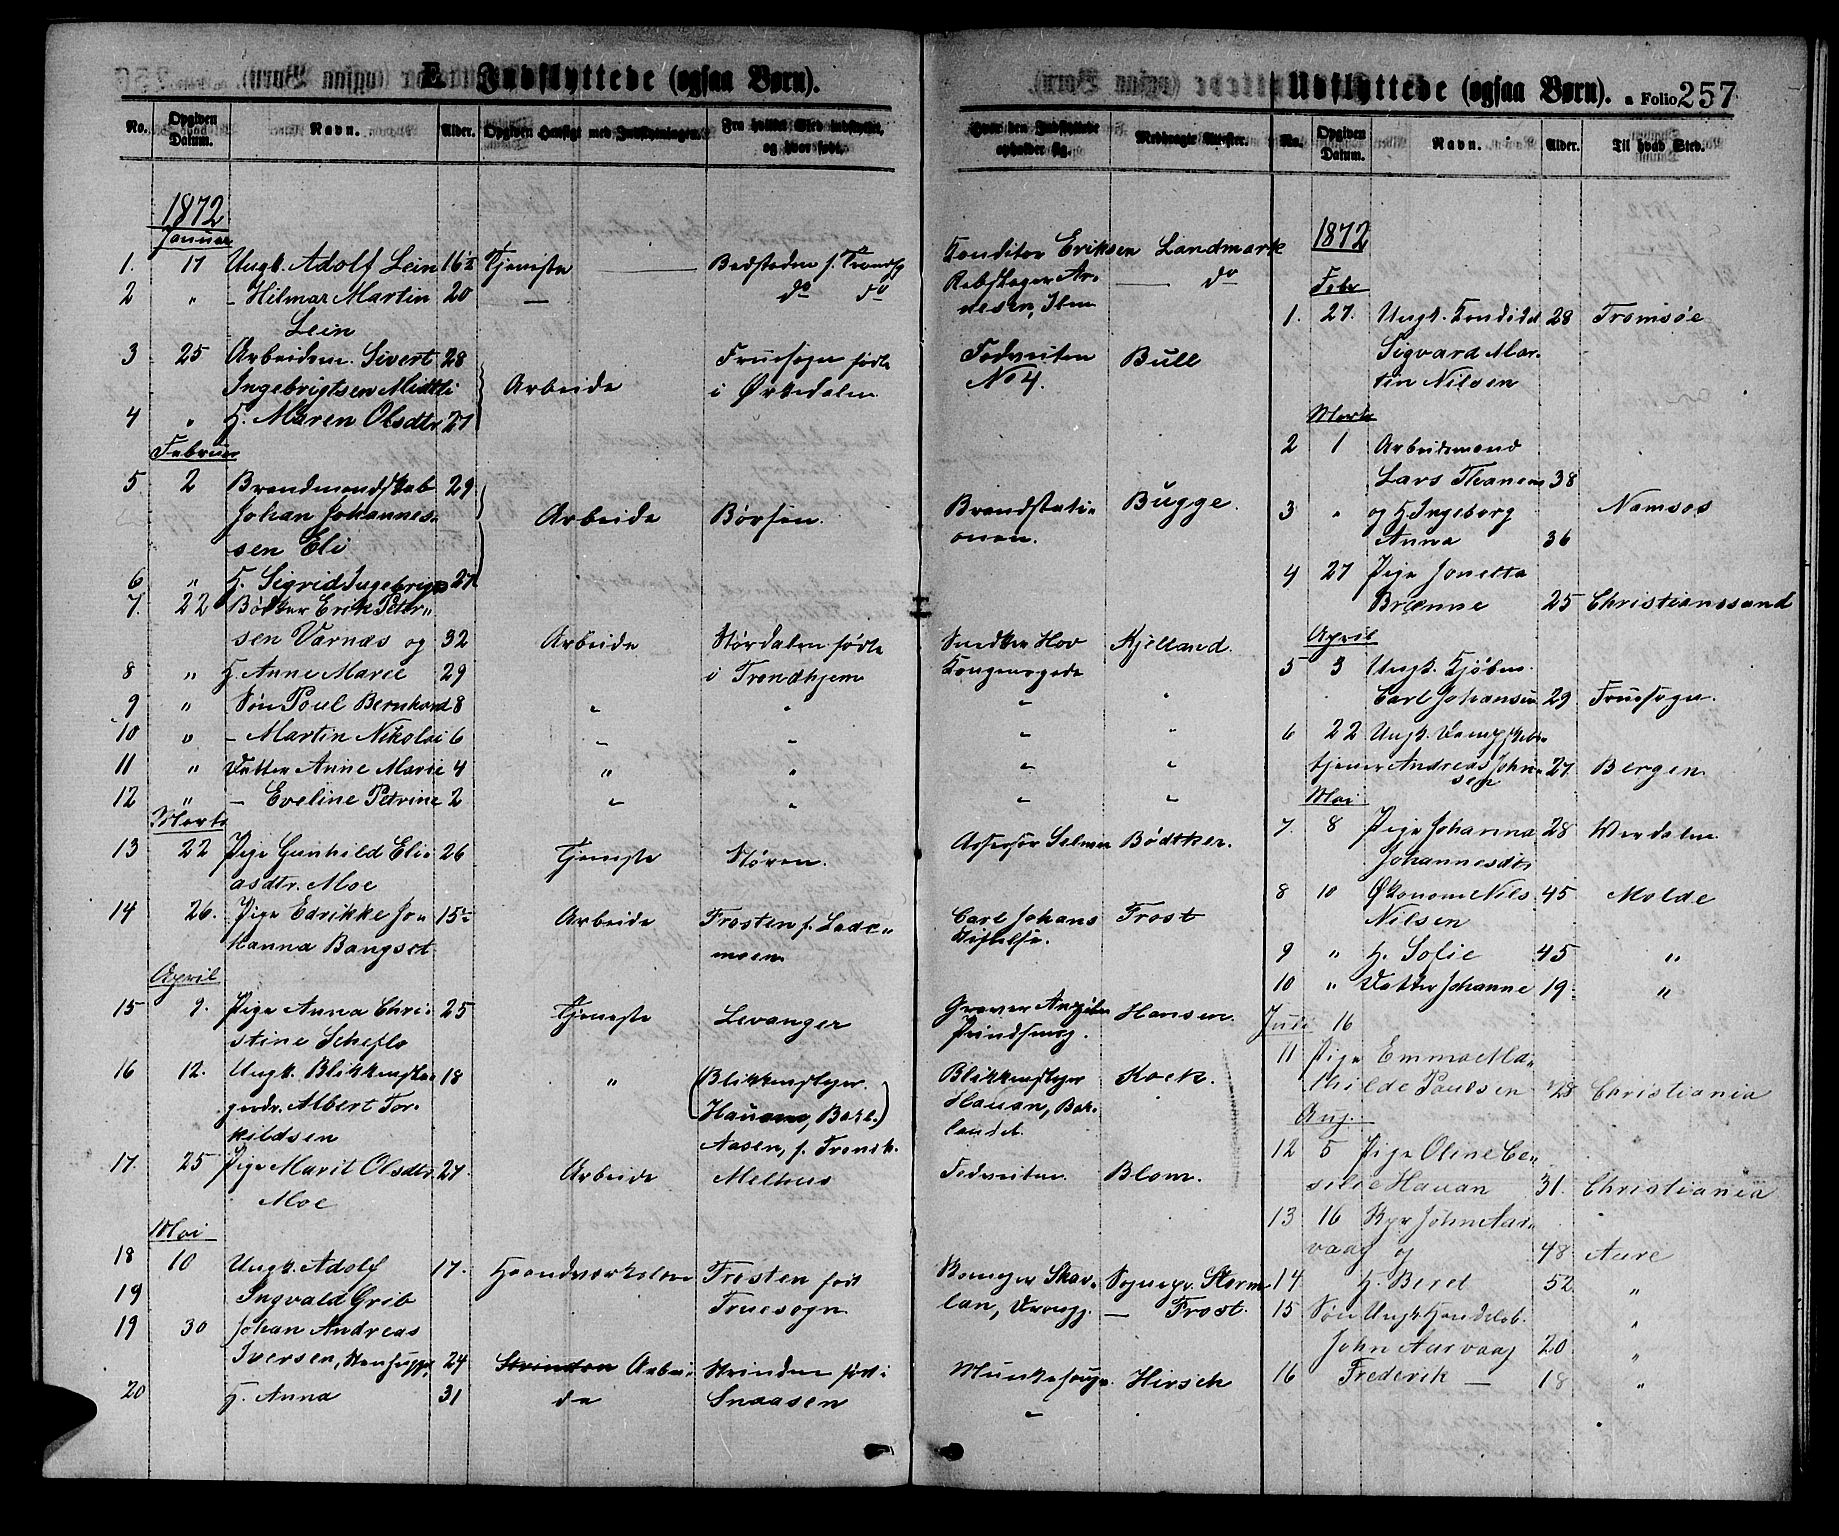 SAT, Ministerialprotokoller, klokkerbøker og fødselsregistre - Sør-Trøndelag, 601/L0088: Klokkerbok nr. 601C06, 1870-1878, s. 257